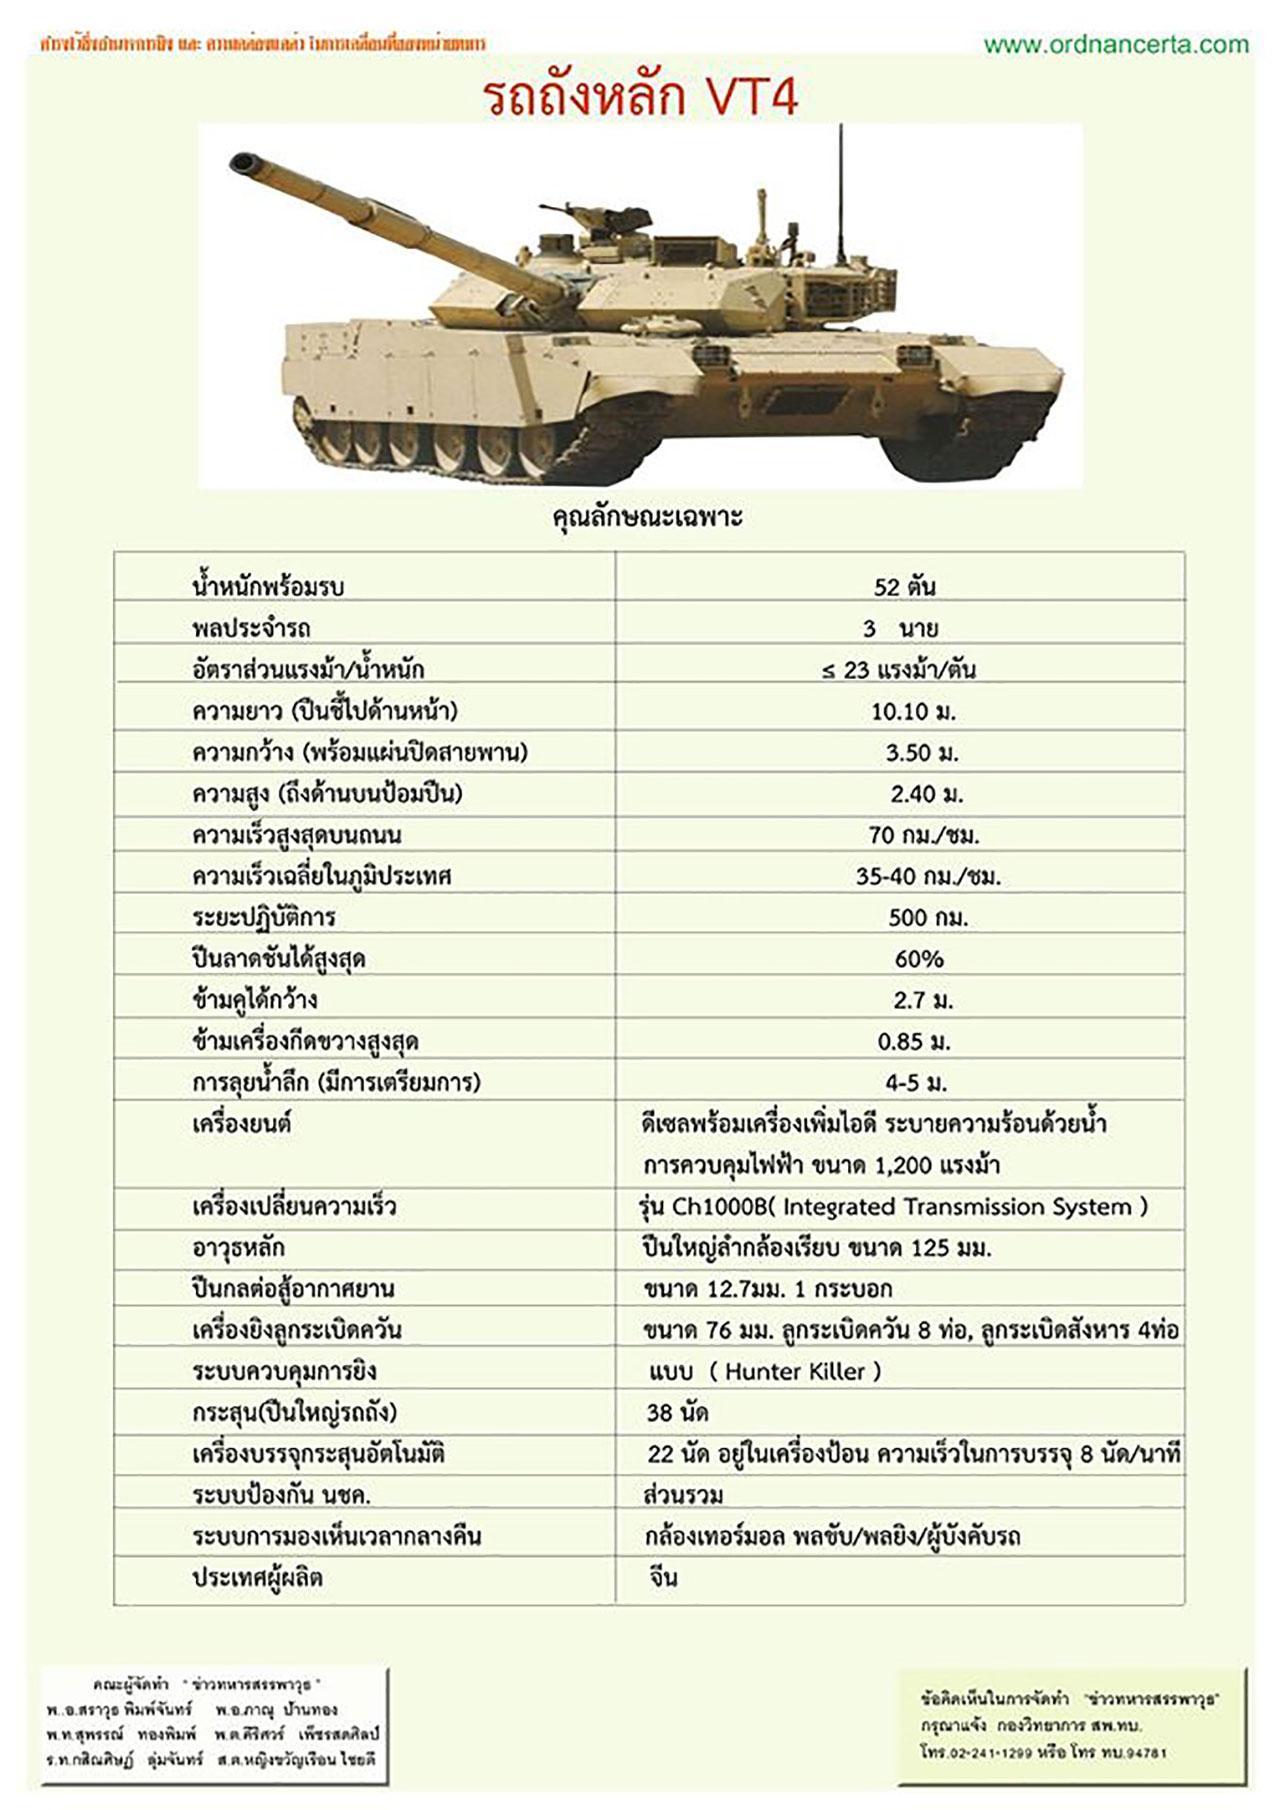 ภาพจาก เว็บไซต์กรมสรรพาวุธทหารบก